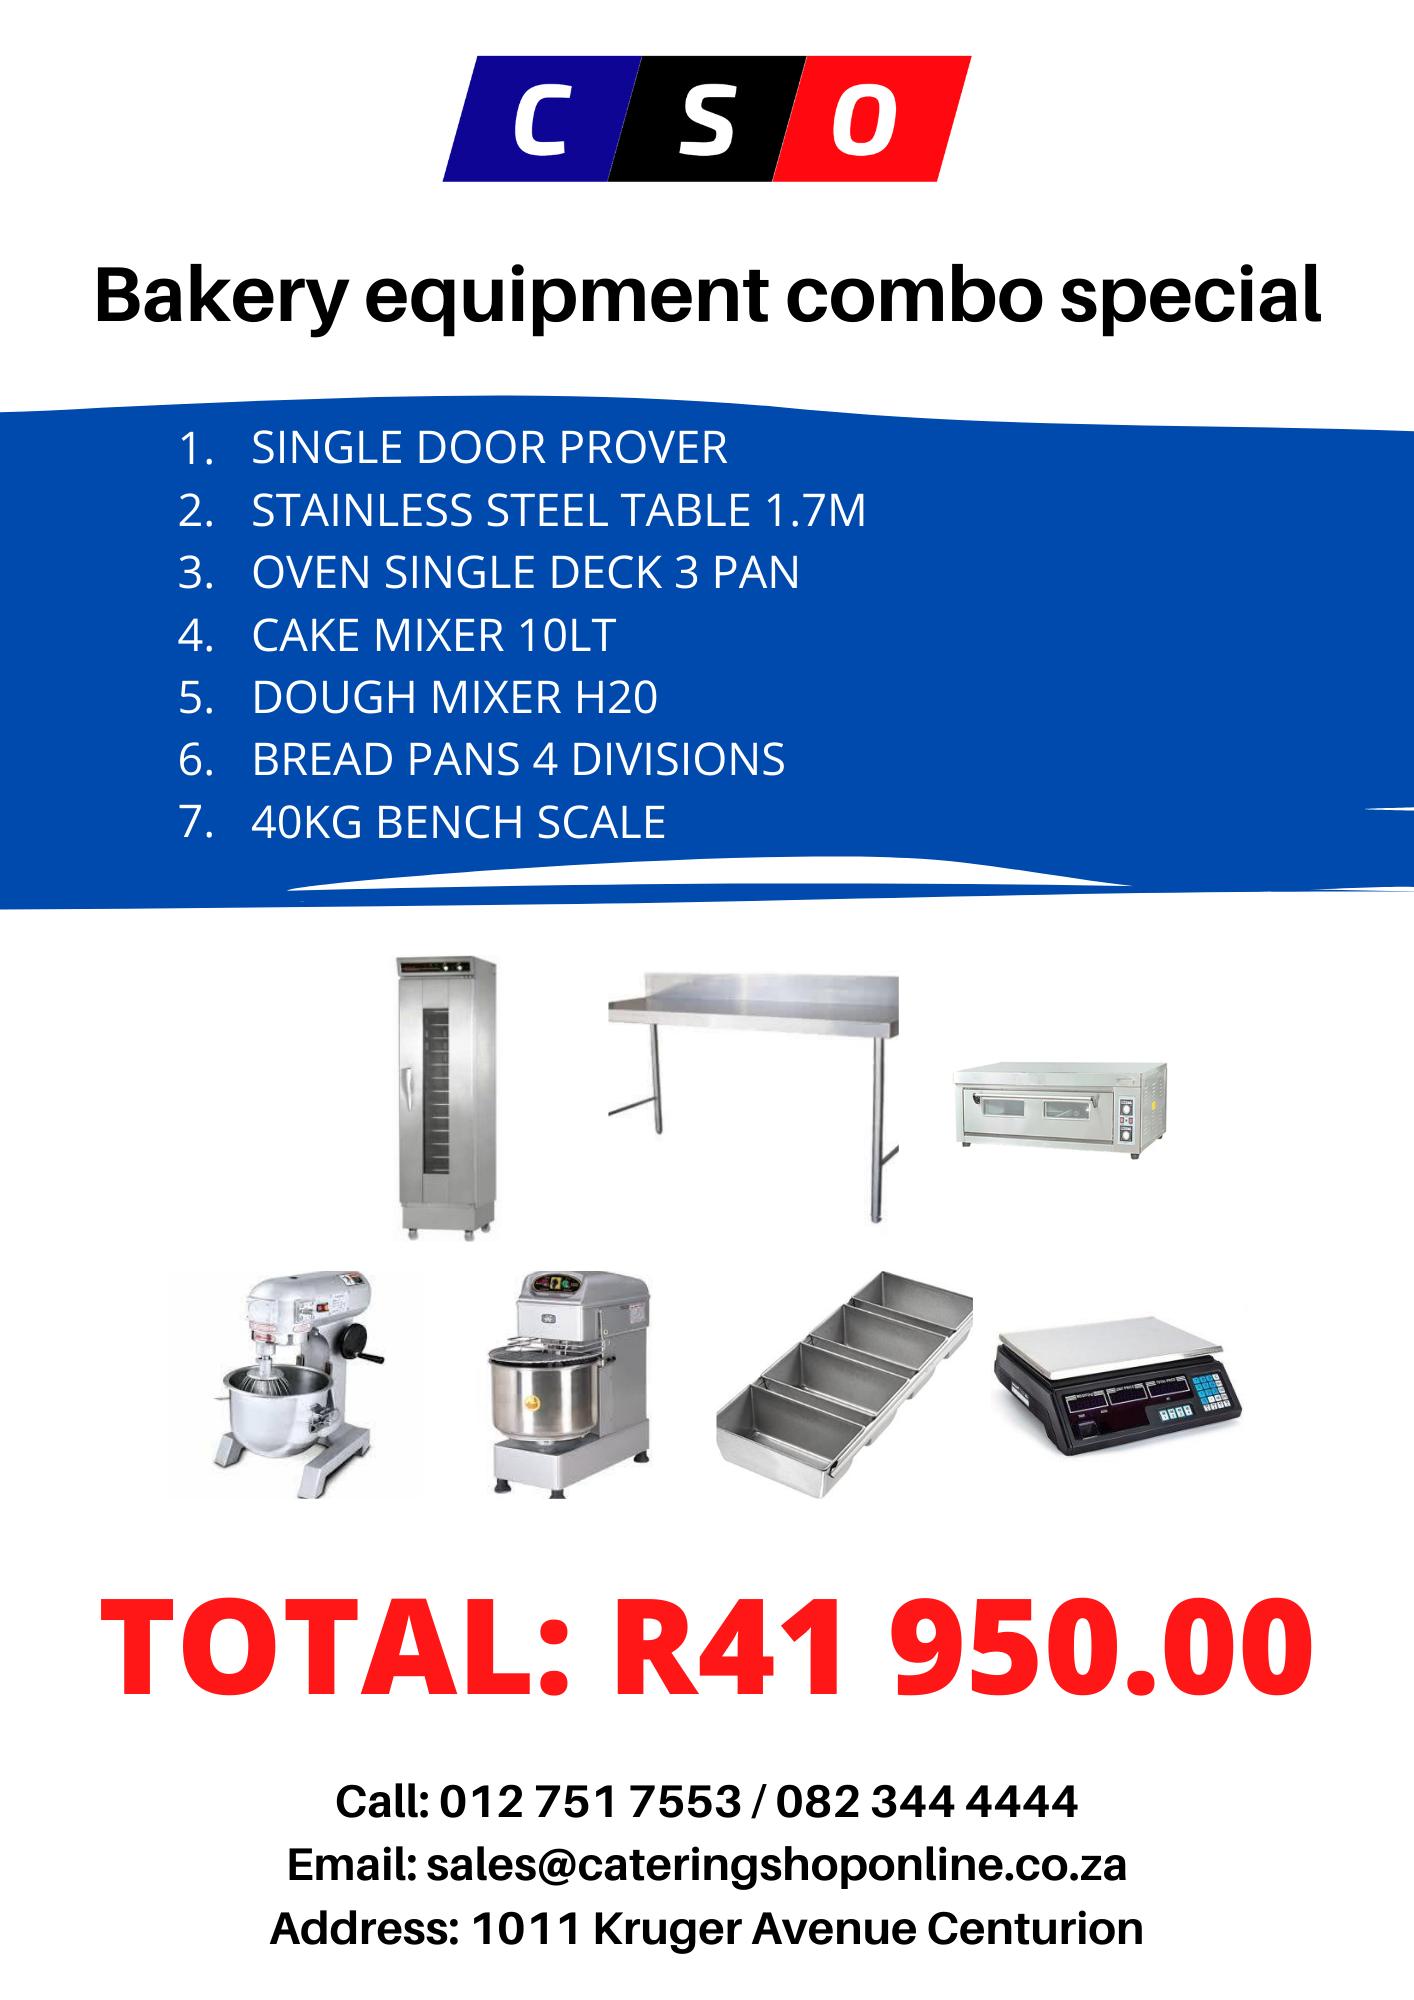 Bakery equipment for sale